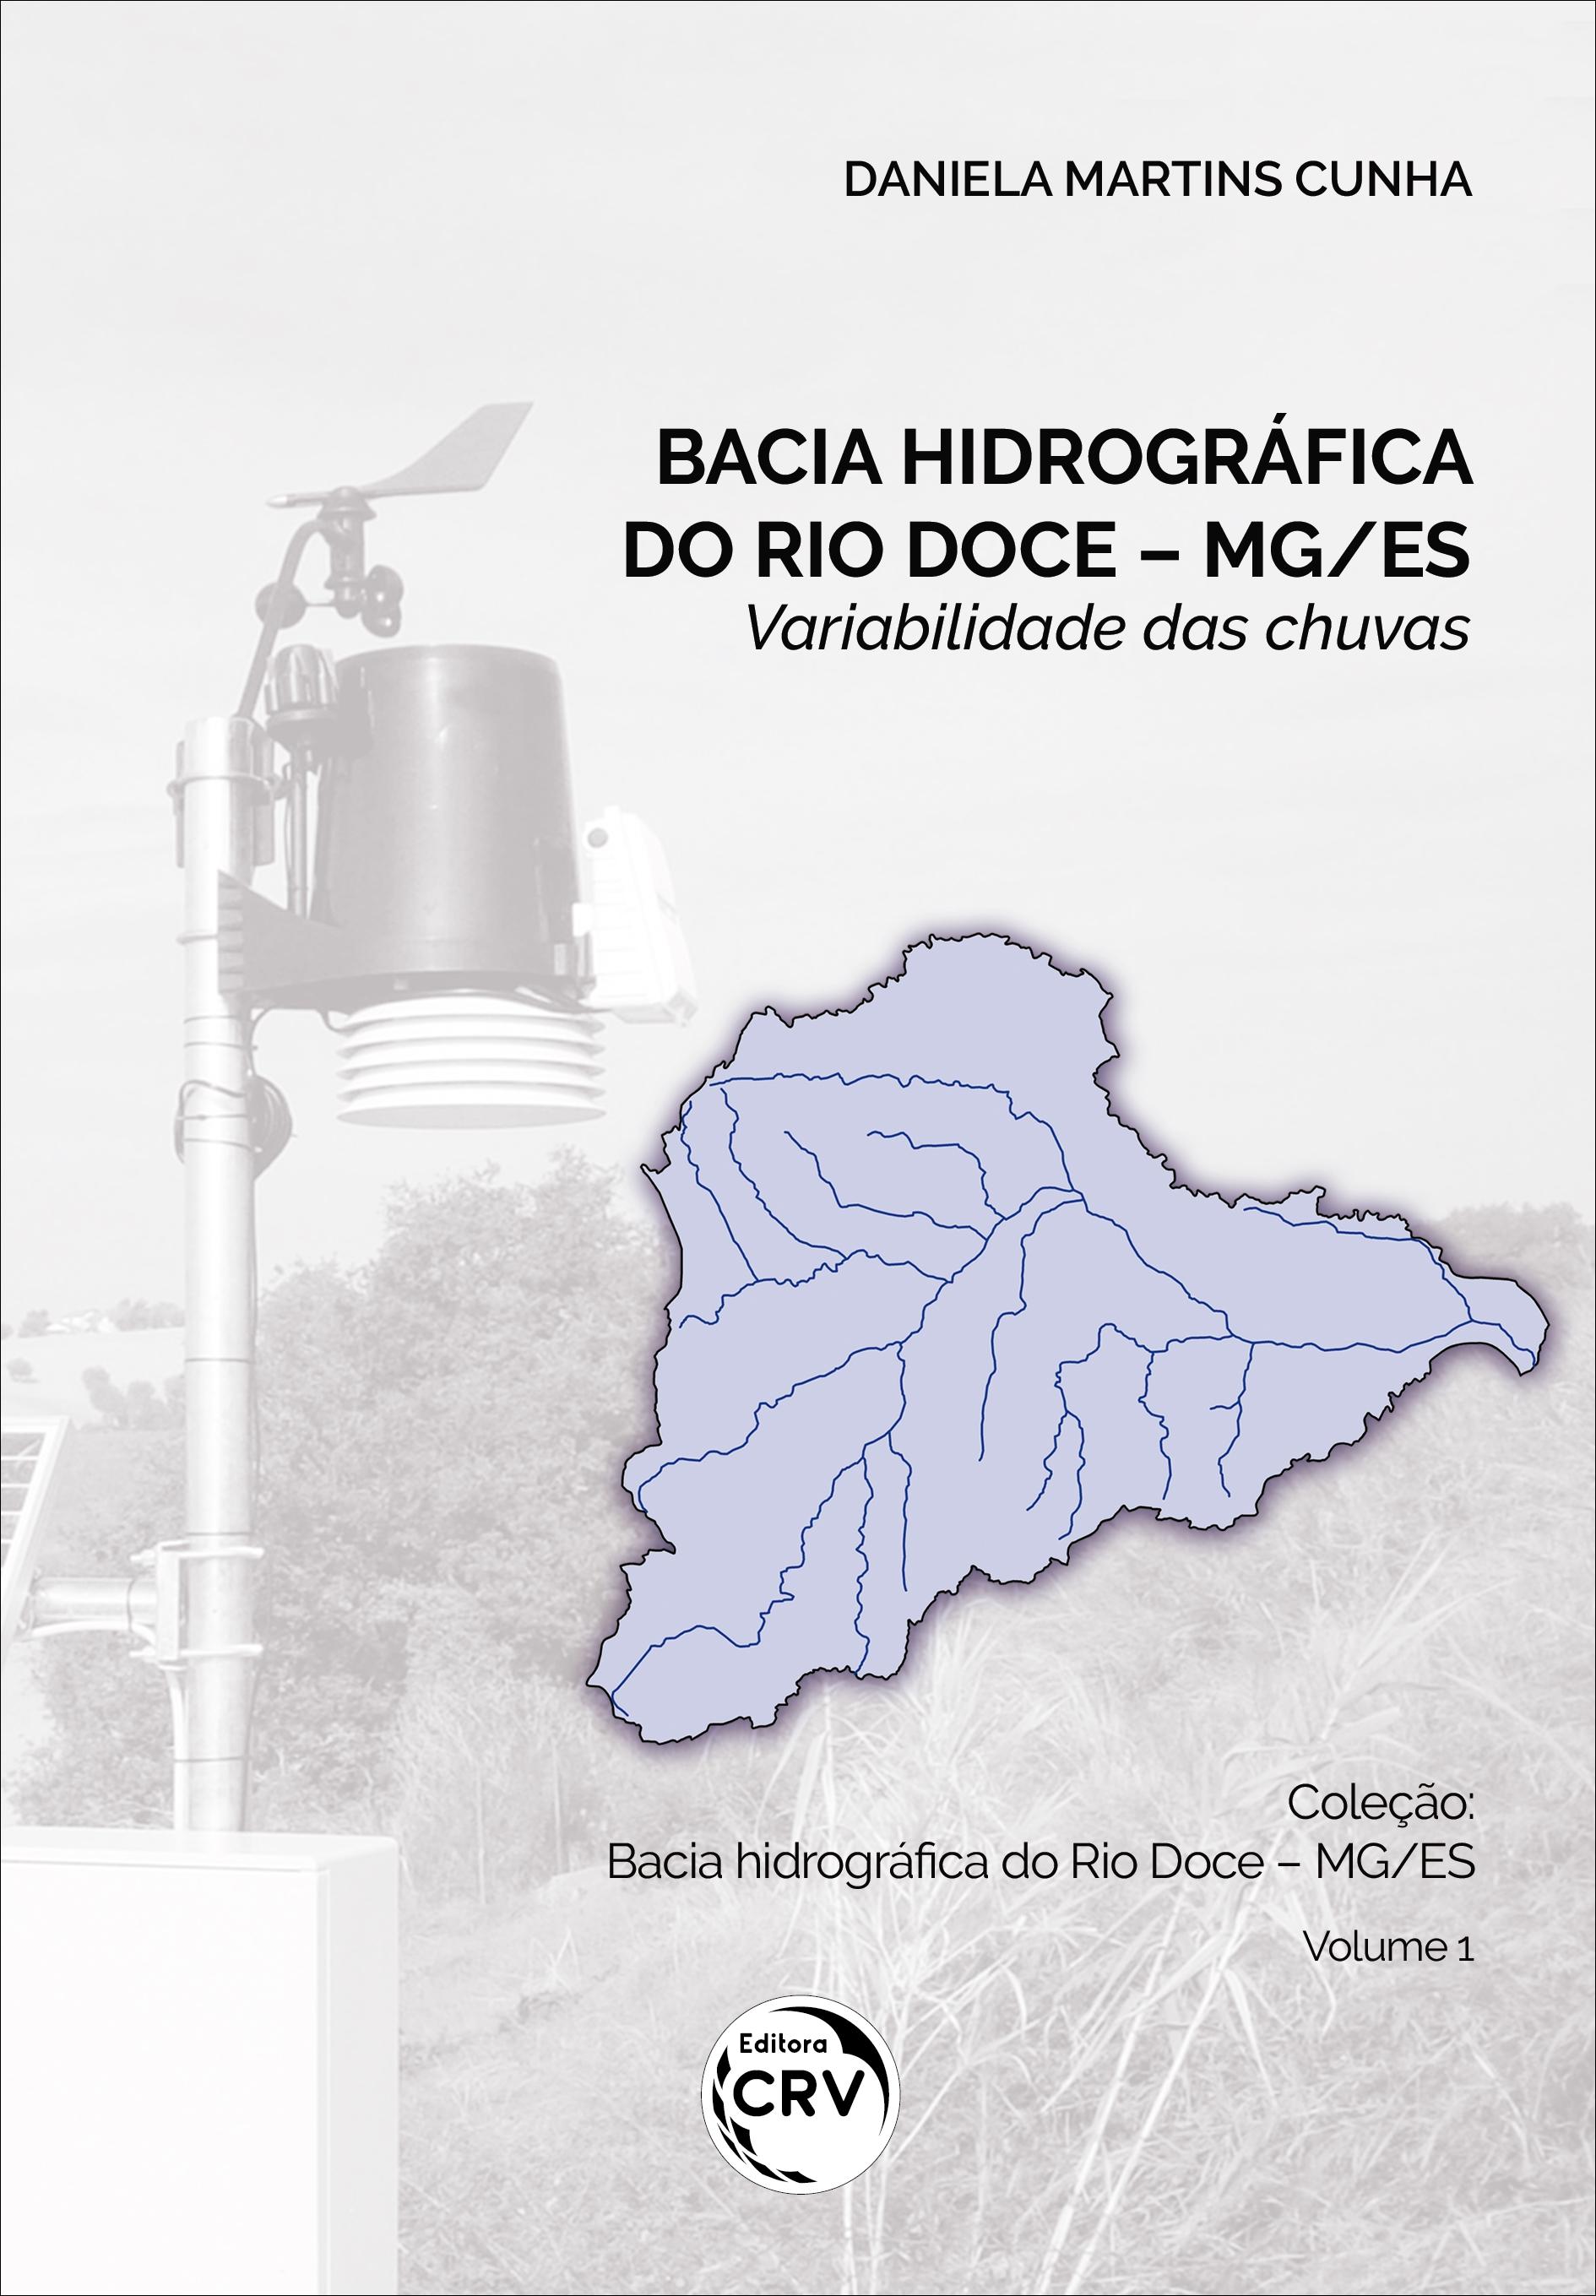 Capa do livro: BACIA HIDROGRÁFICA DO RIO DOCE – MG/ES: <br>variabilidade das chuvas - Volume 1